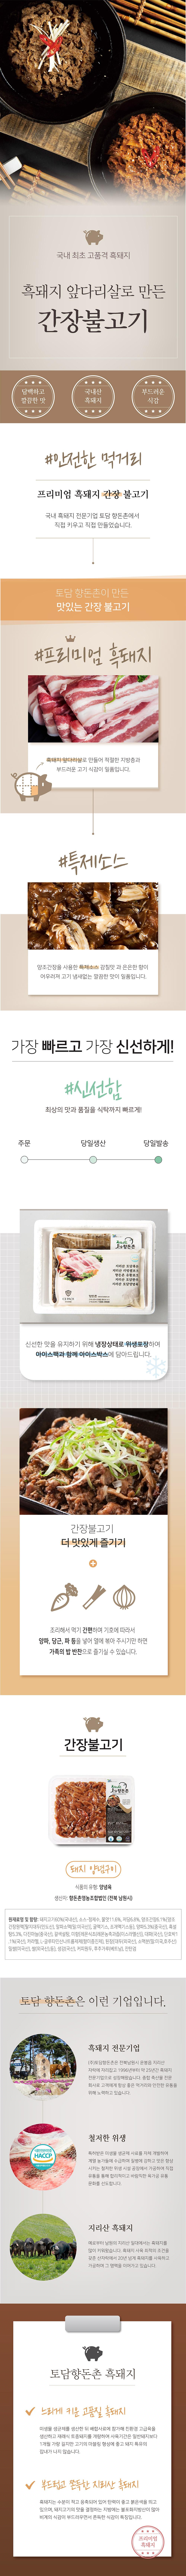 Yfood_huckdone_ganjangbulgogi.jpg